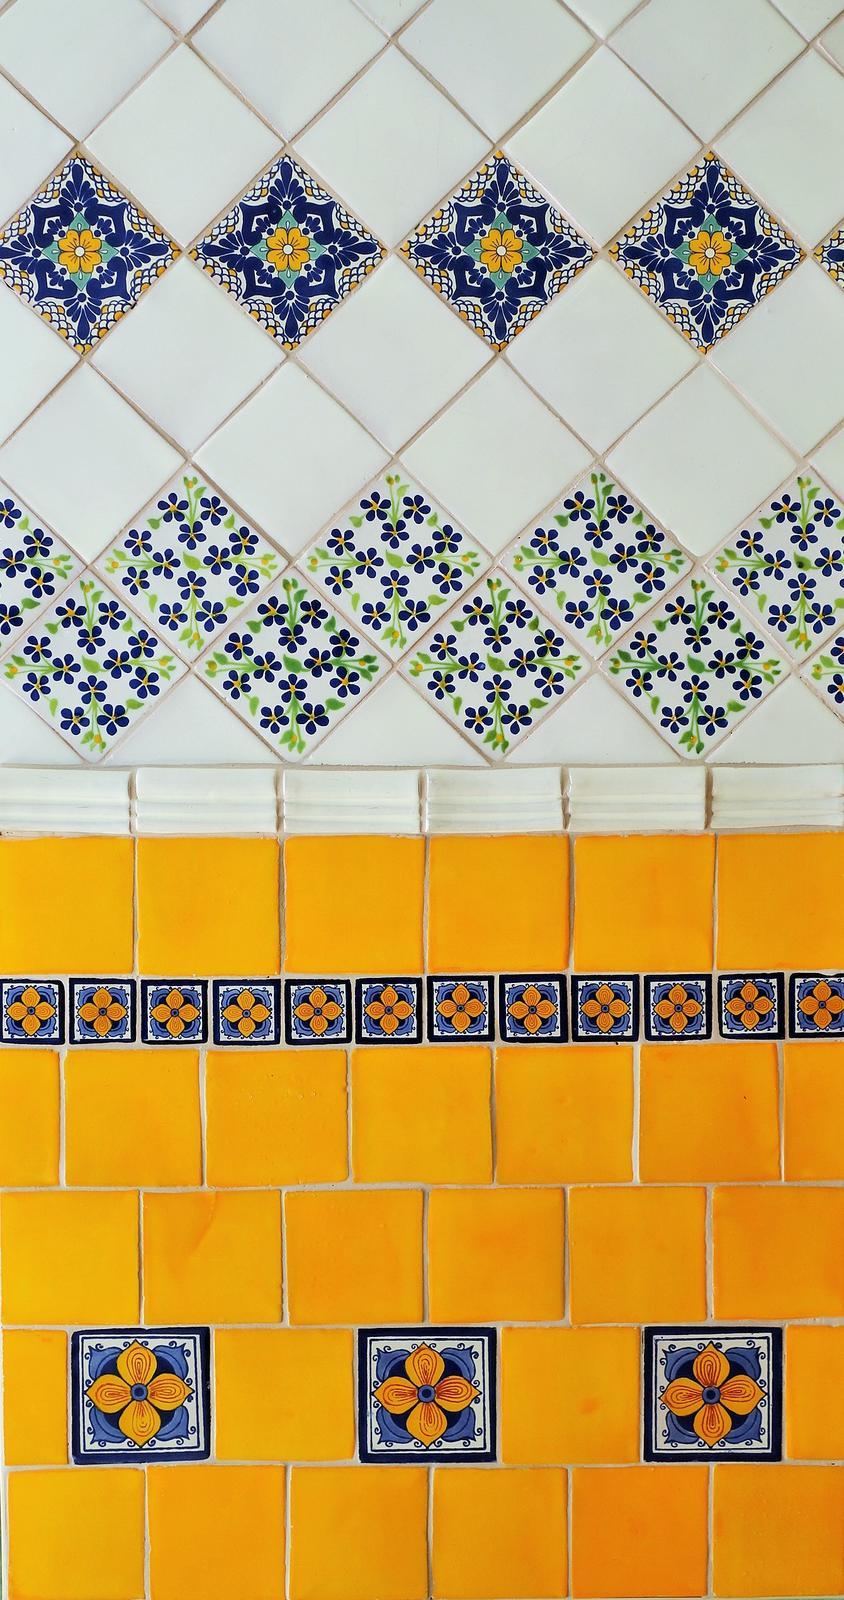 lagartija - Aj takto môže vyzerať vaša stena:)